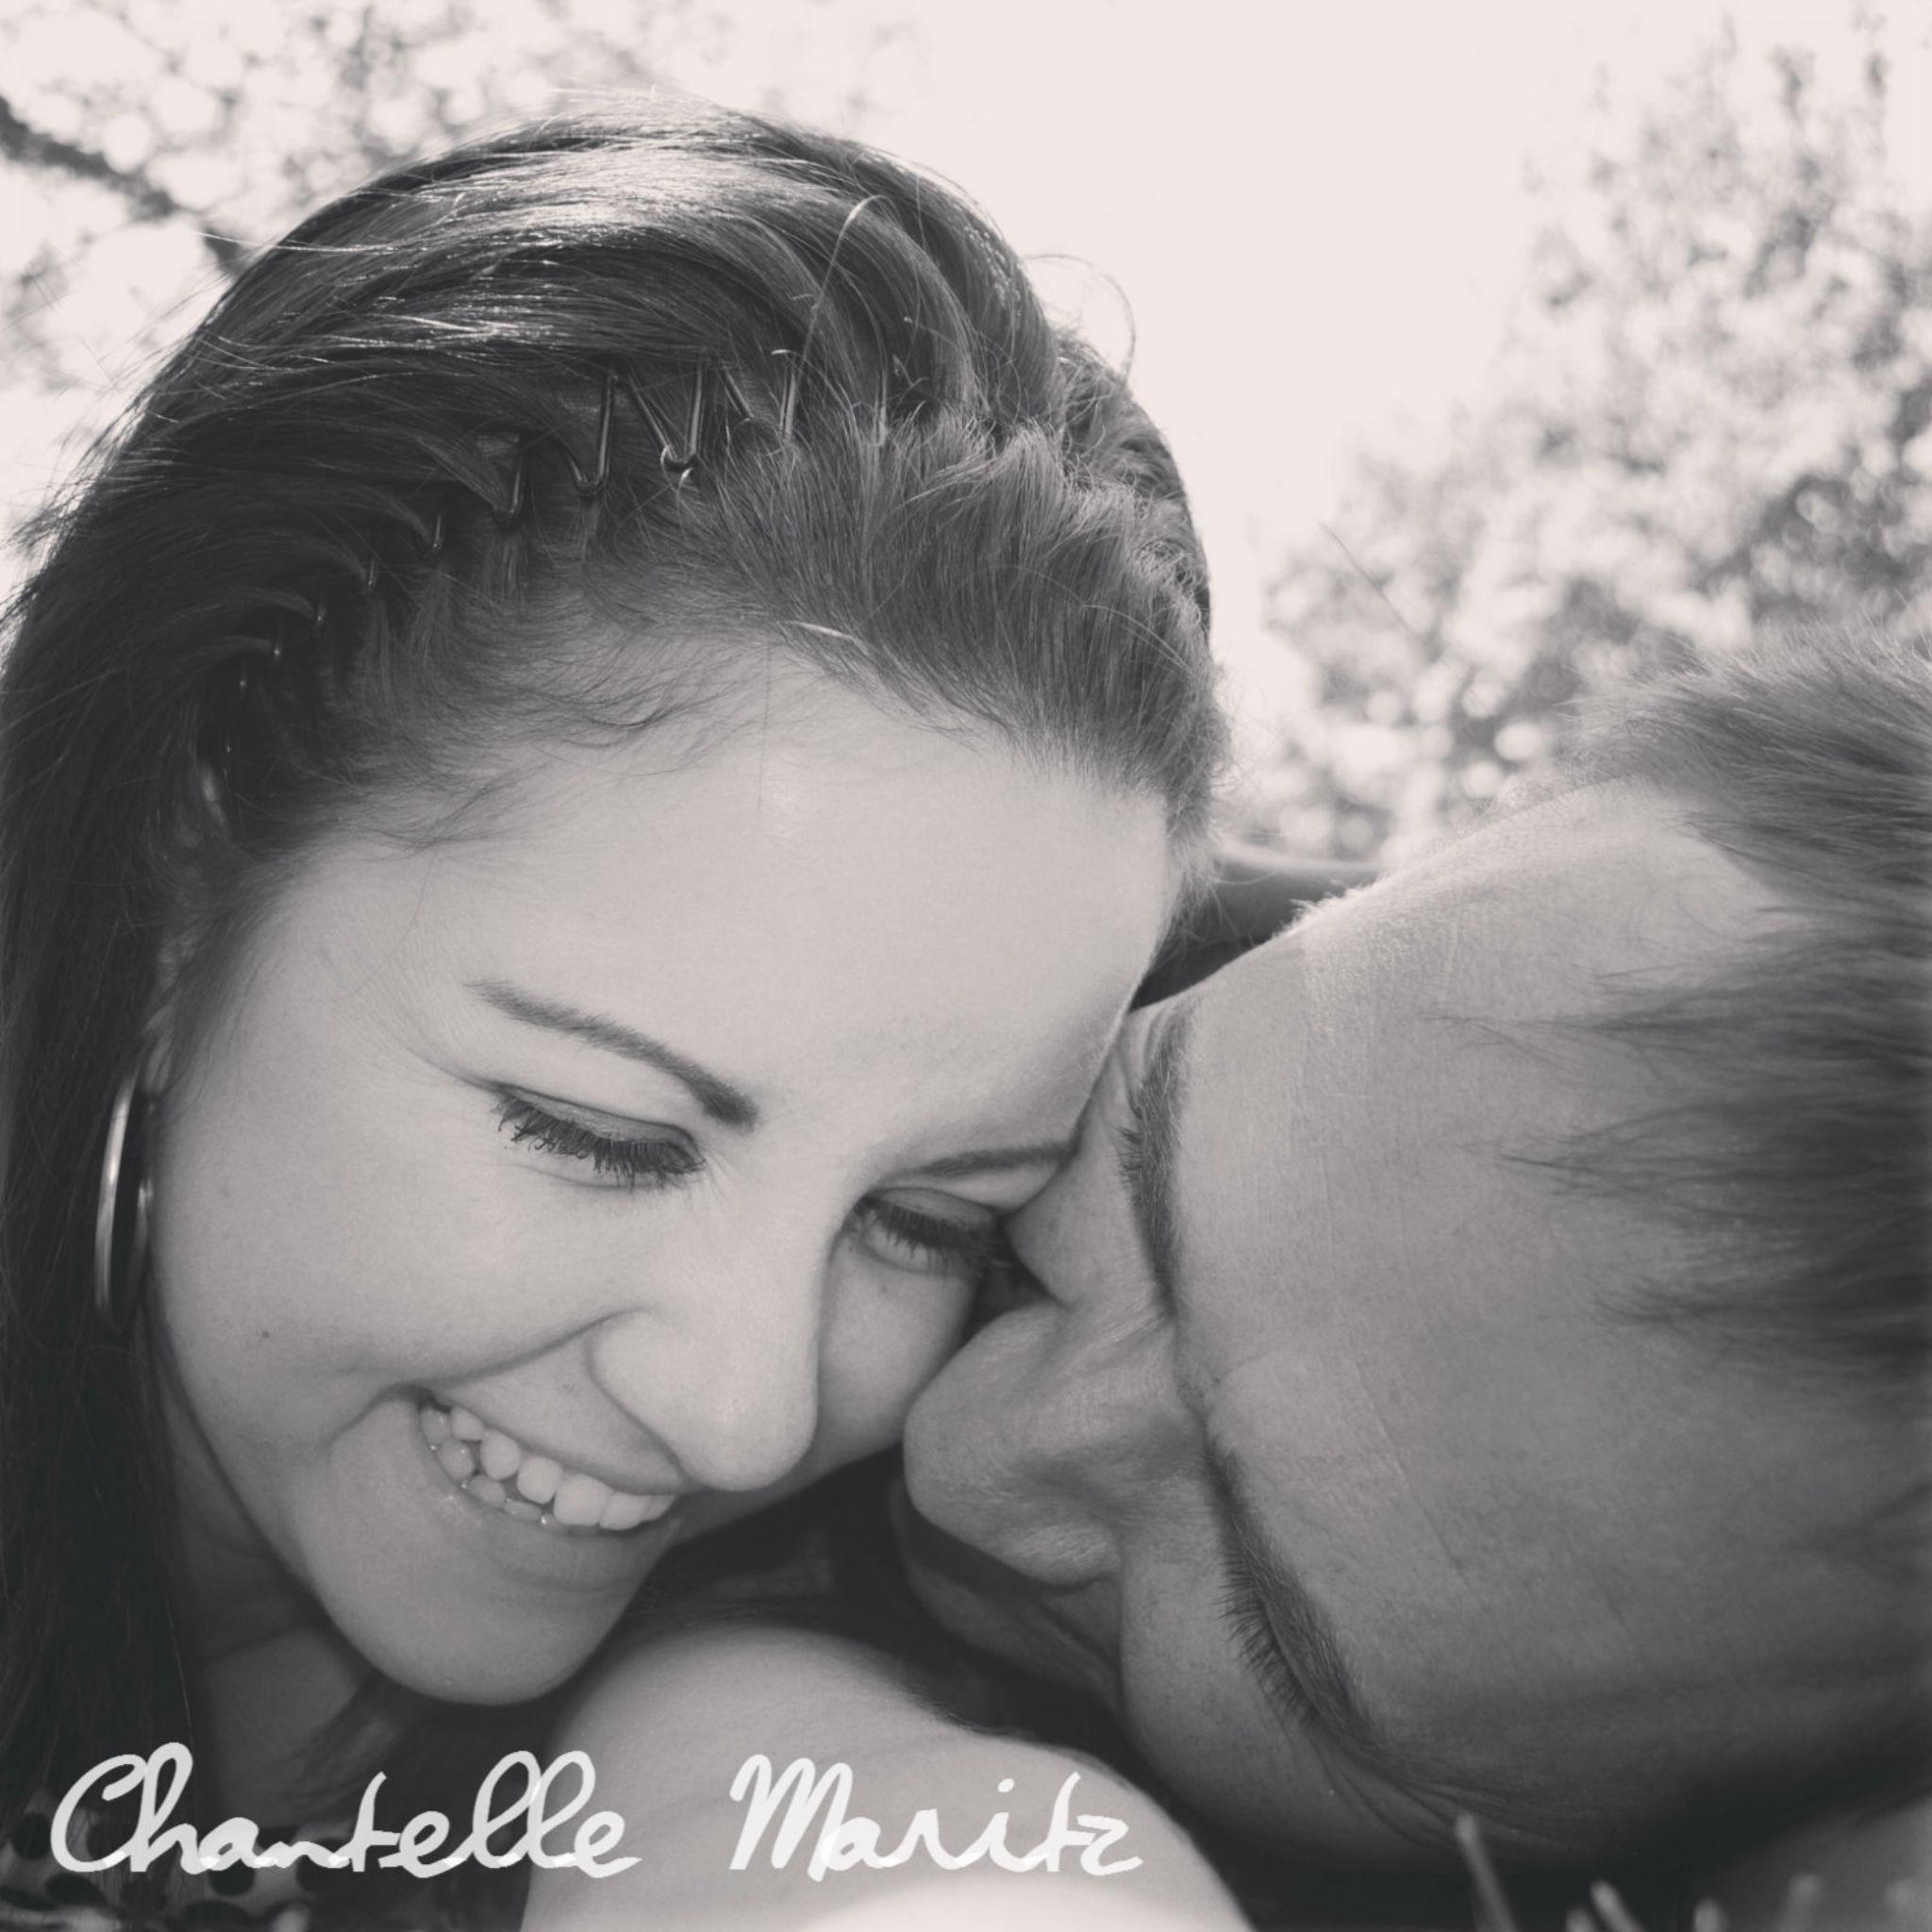 True Love by Chantelle Maritz